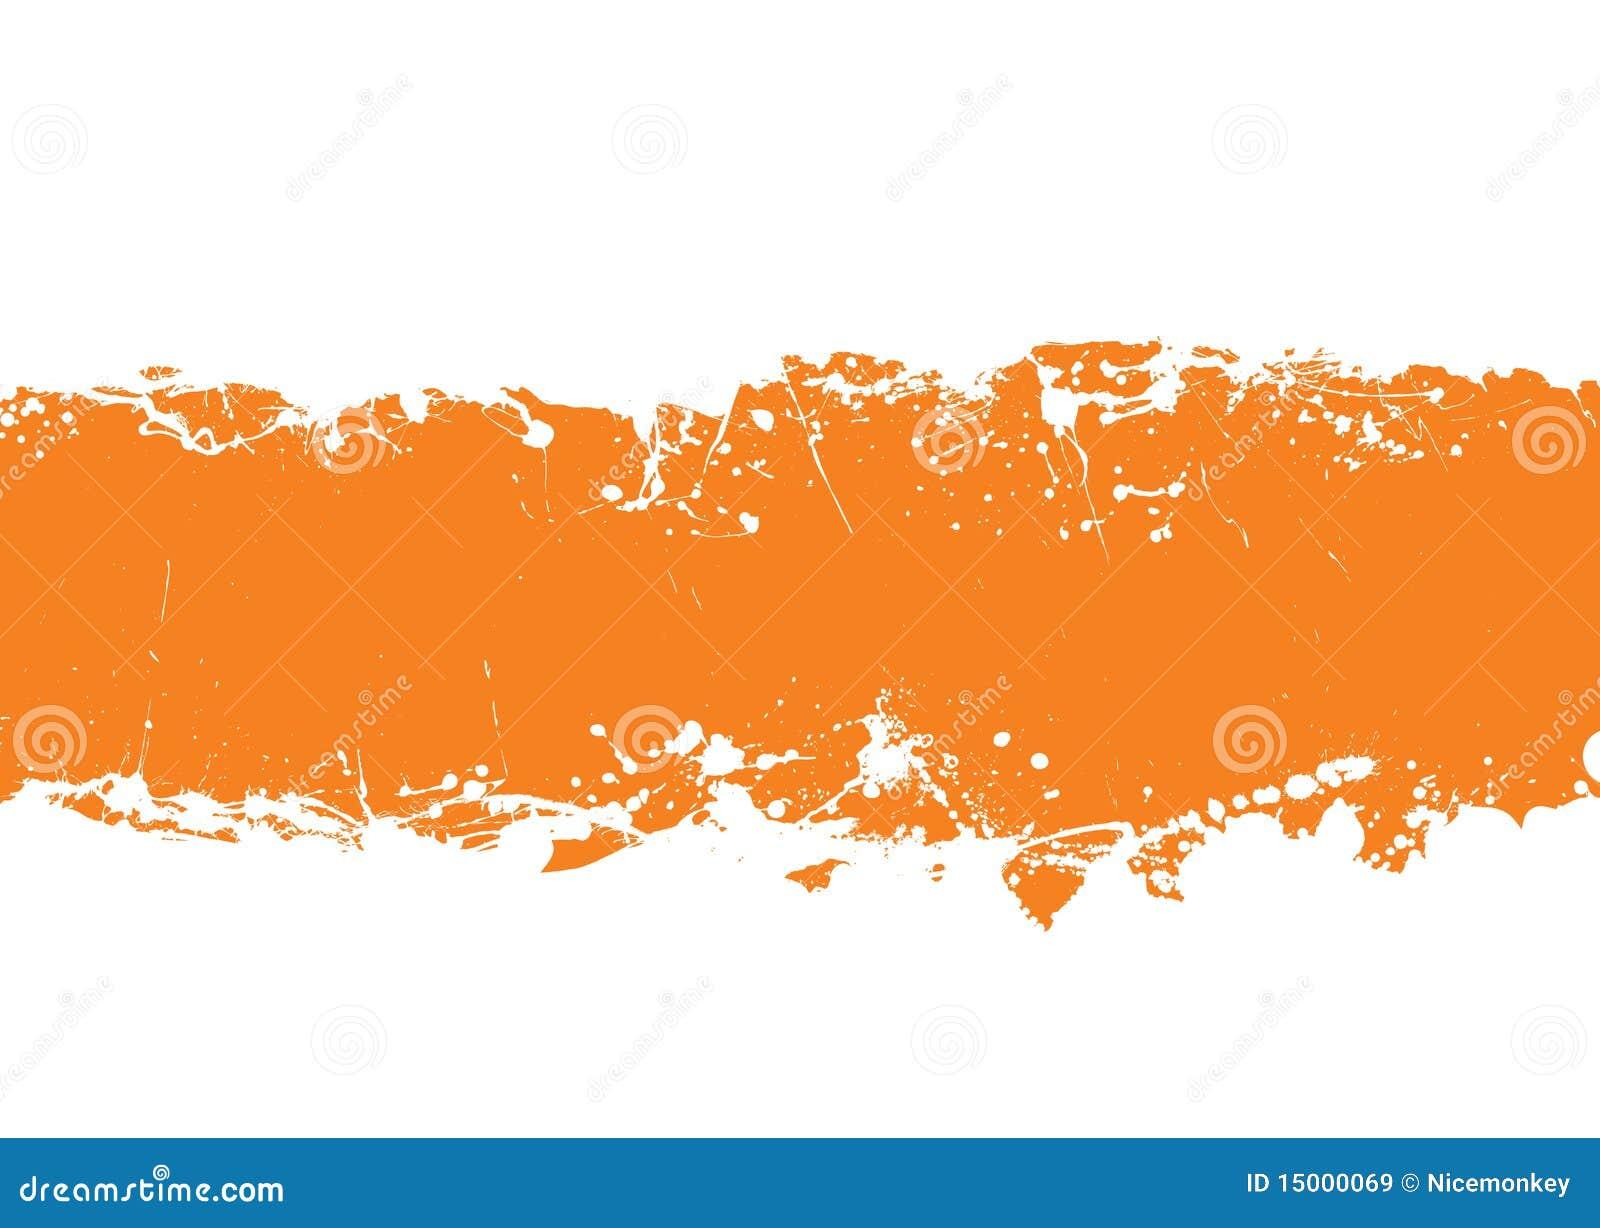 orange background free stock - photo #37